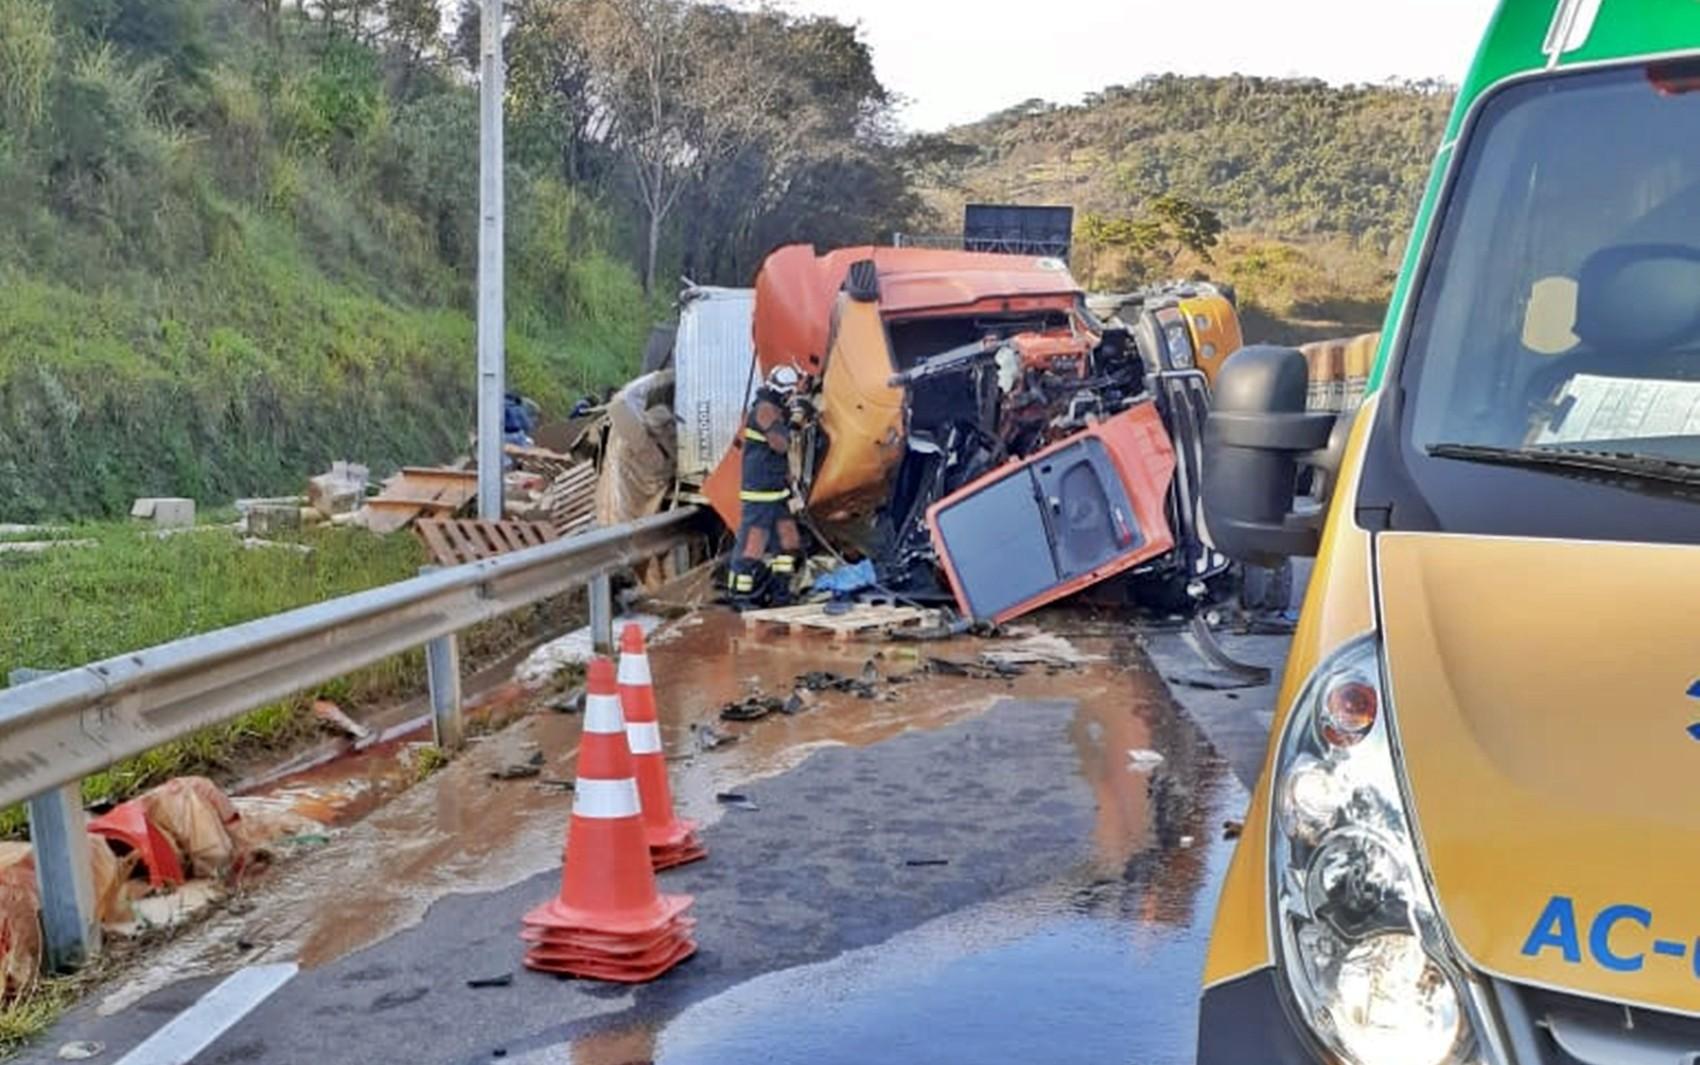 Carreta toma na rodovia Fernão Dias, em Lavras e mata motorista